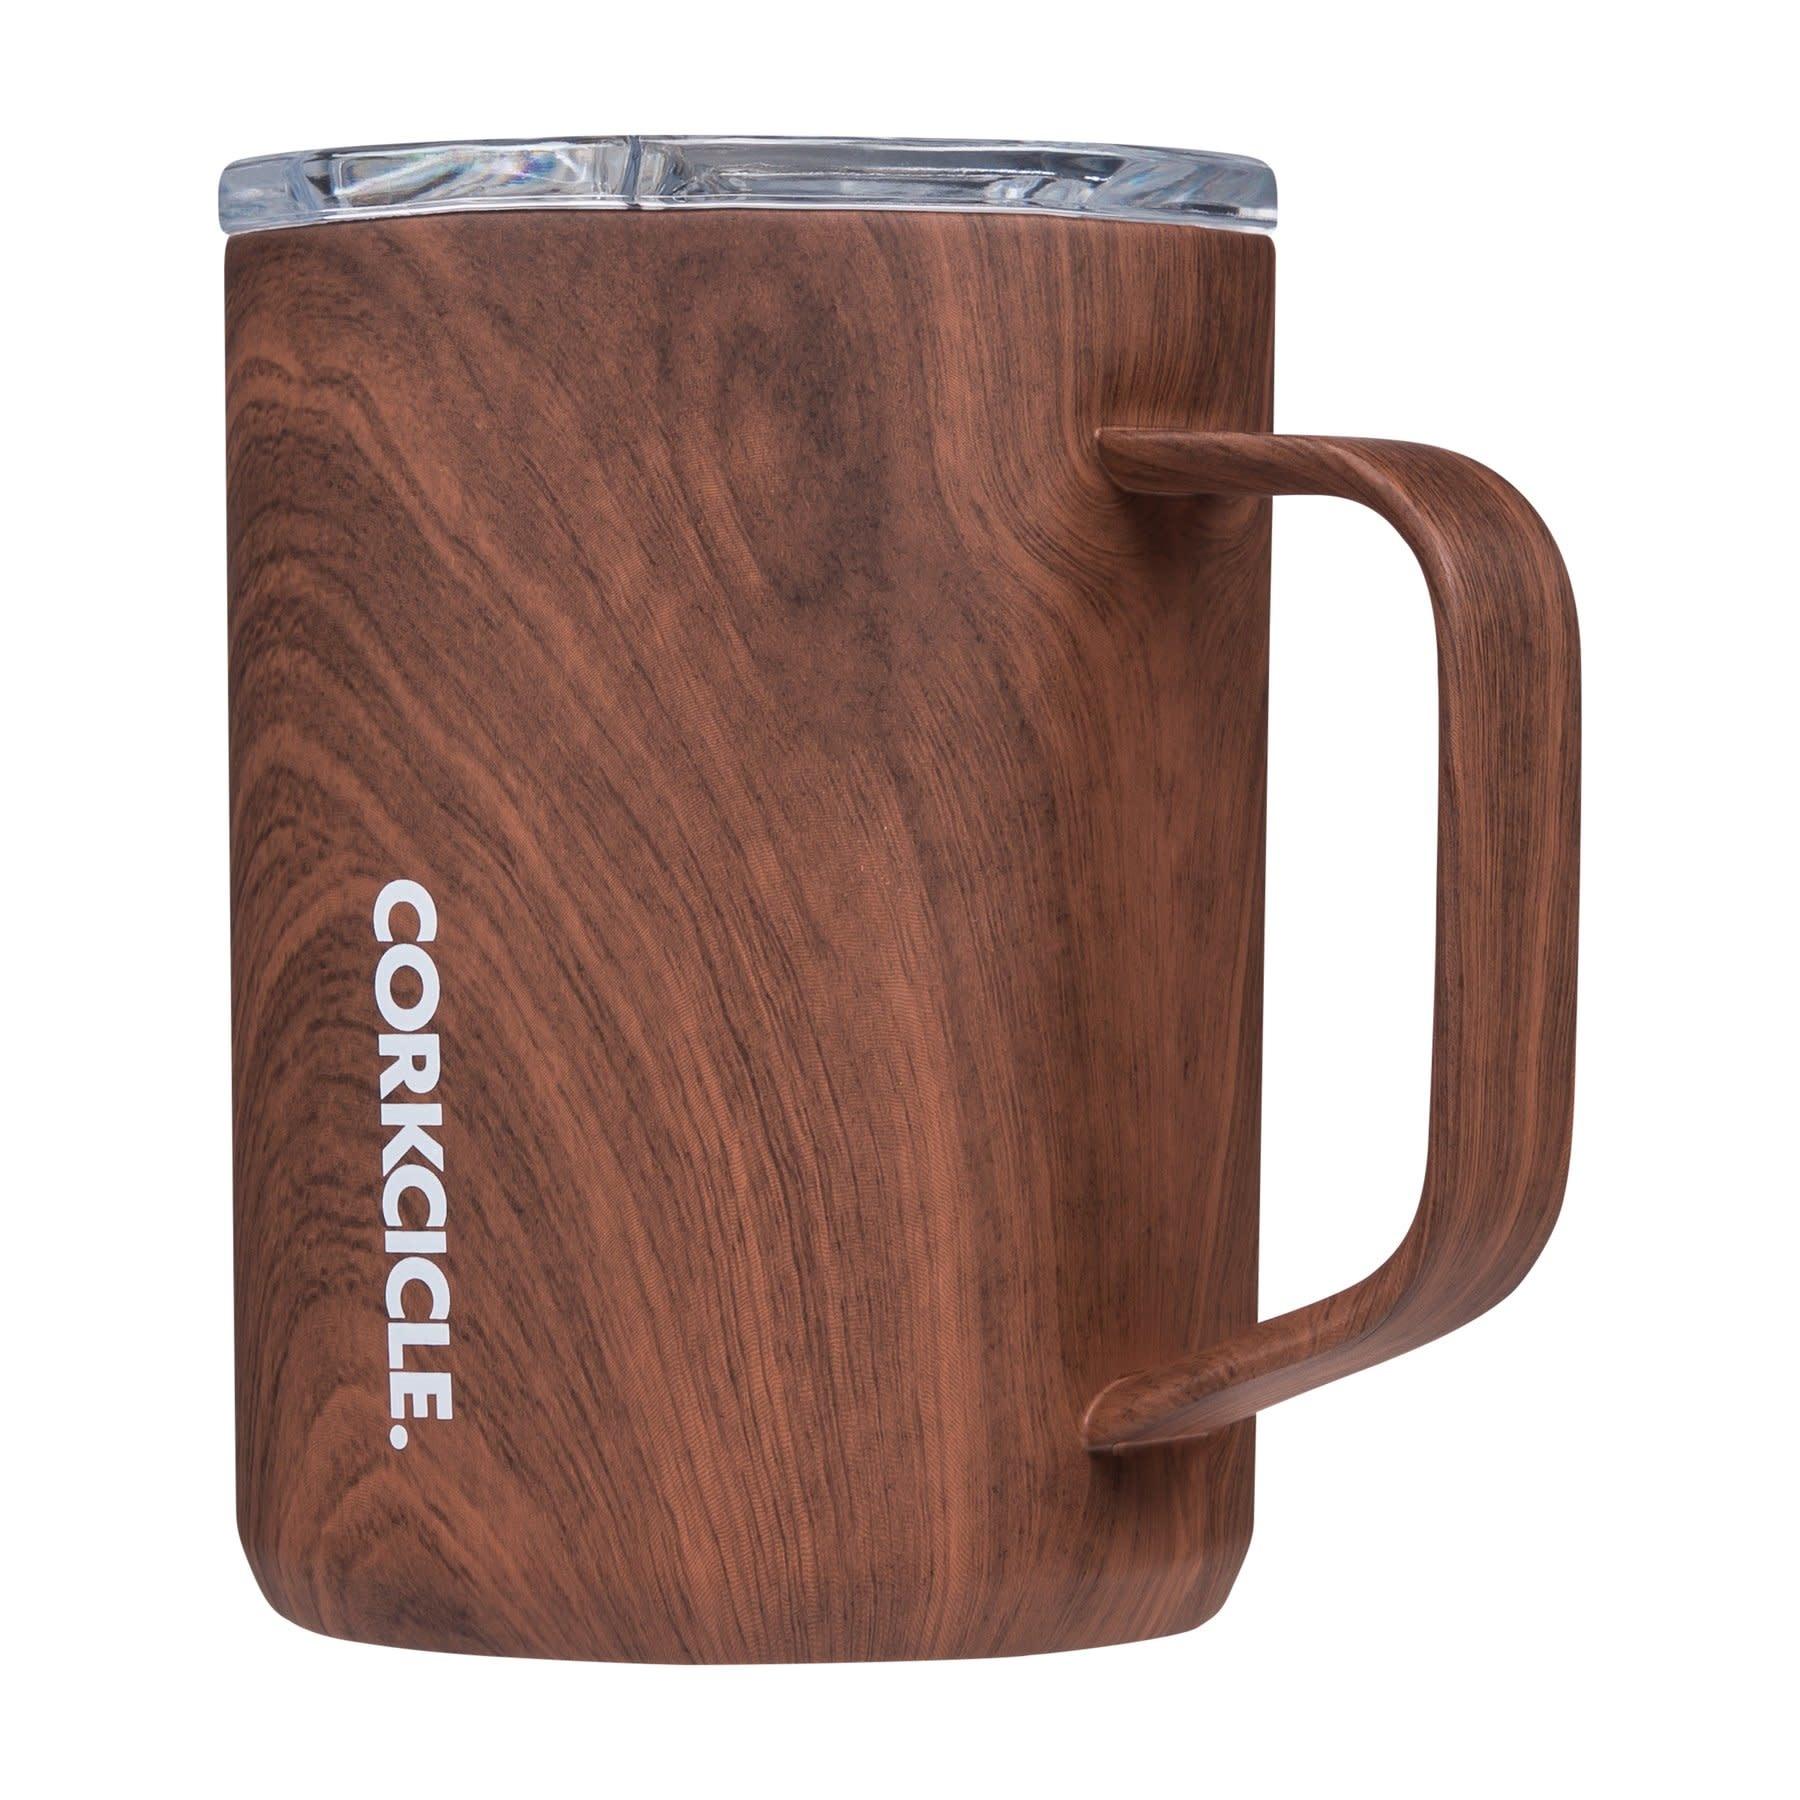 Corkcicle Corkcicle Mug 16oz